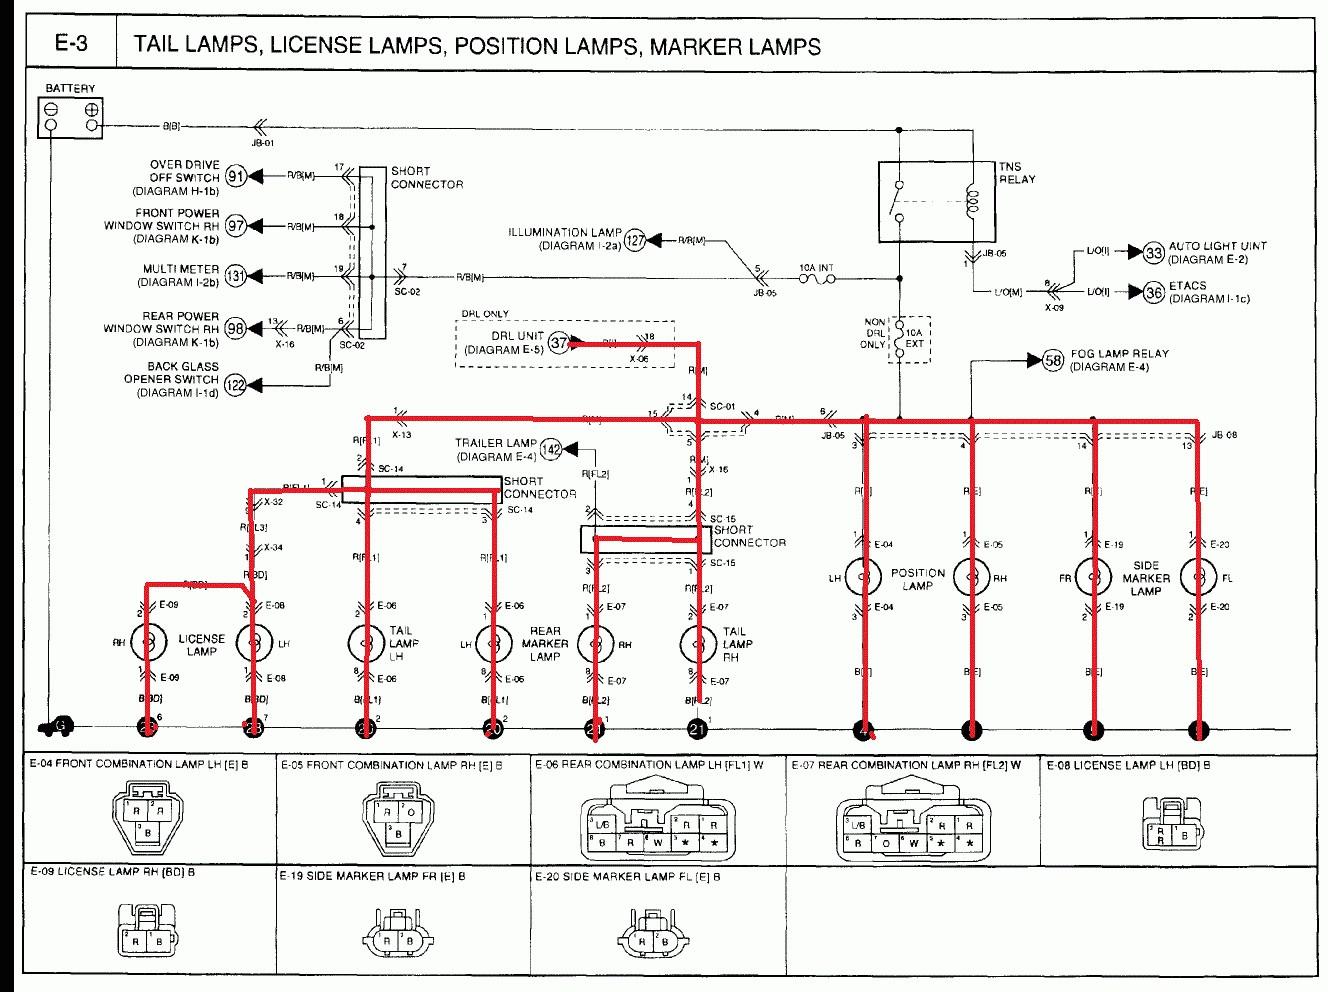 2004 Kia Spectra Radio Wiring Diagram